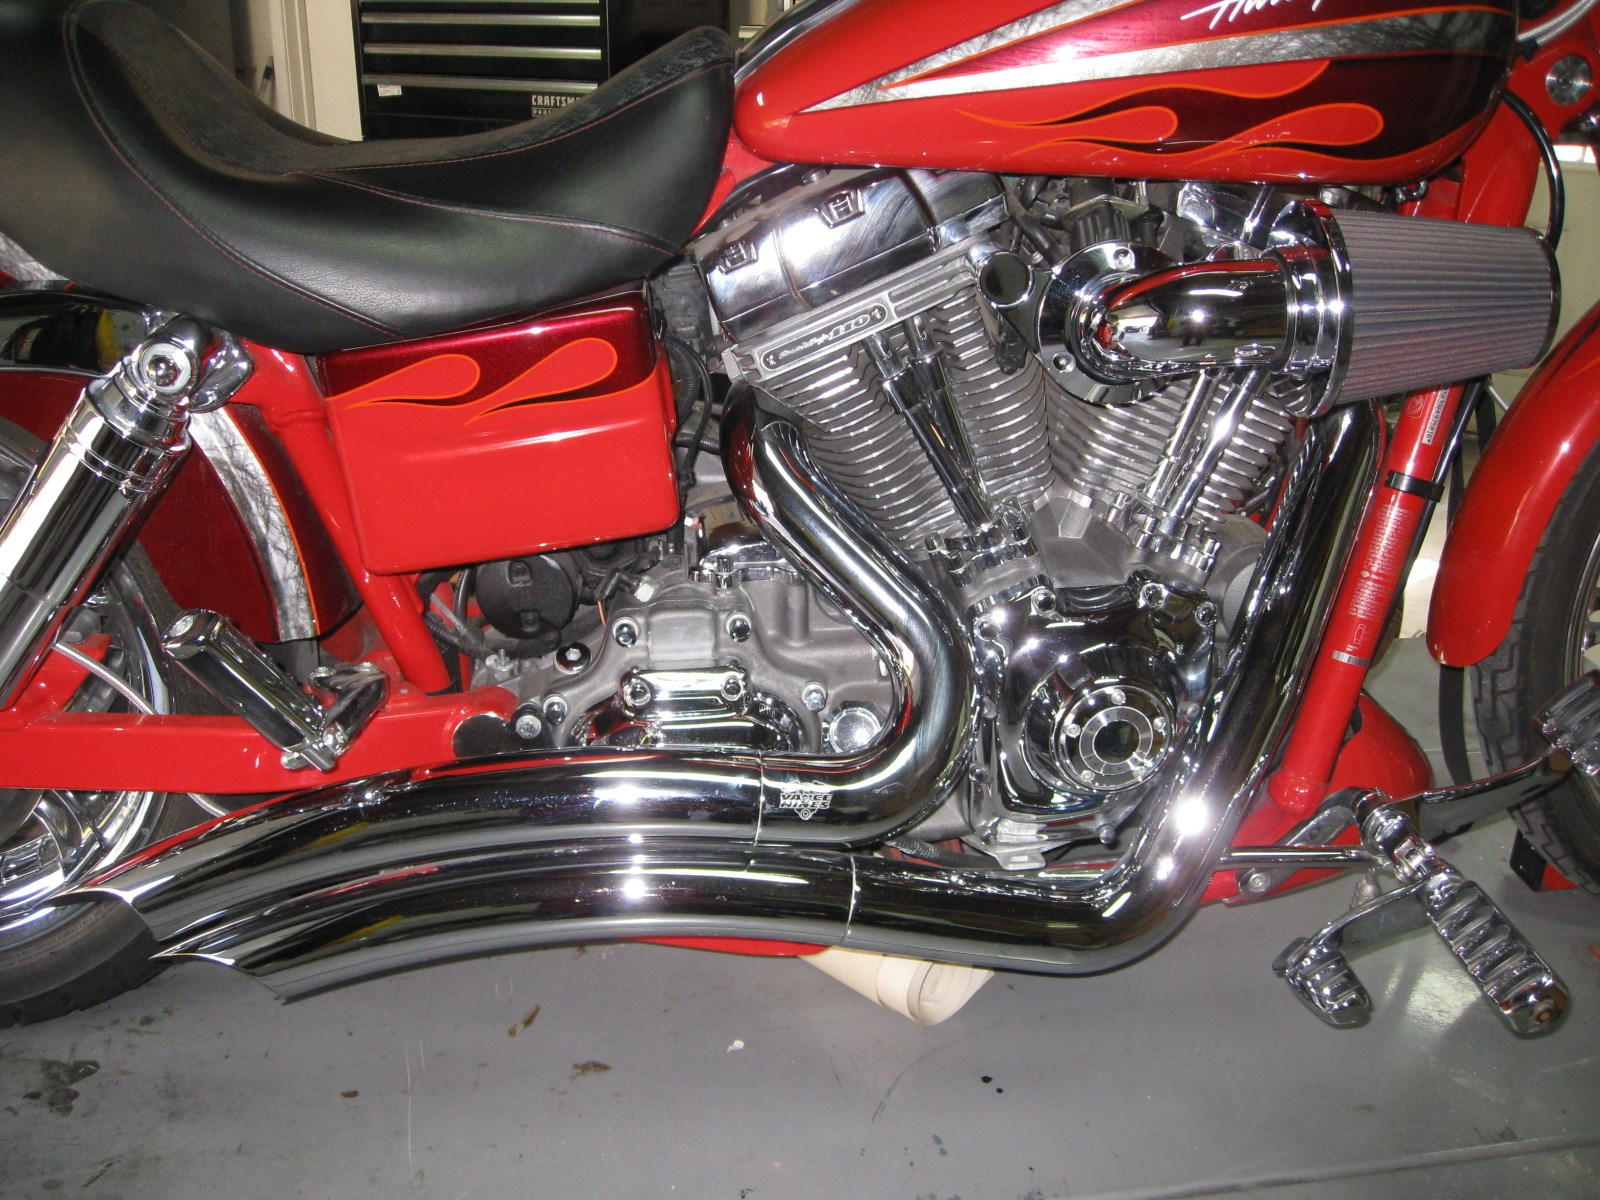 2008 Harley Davidson 174 Fxdse2 Screamin Eagle 174 Dyna